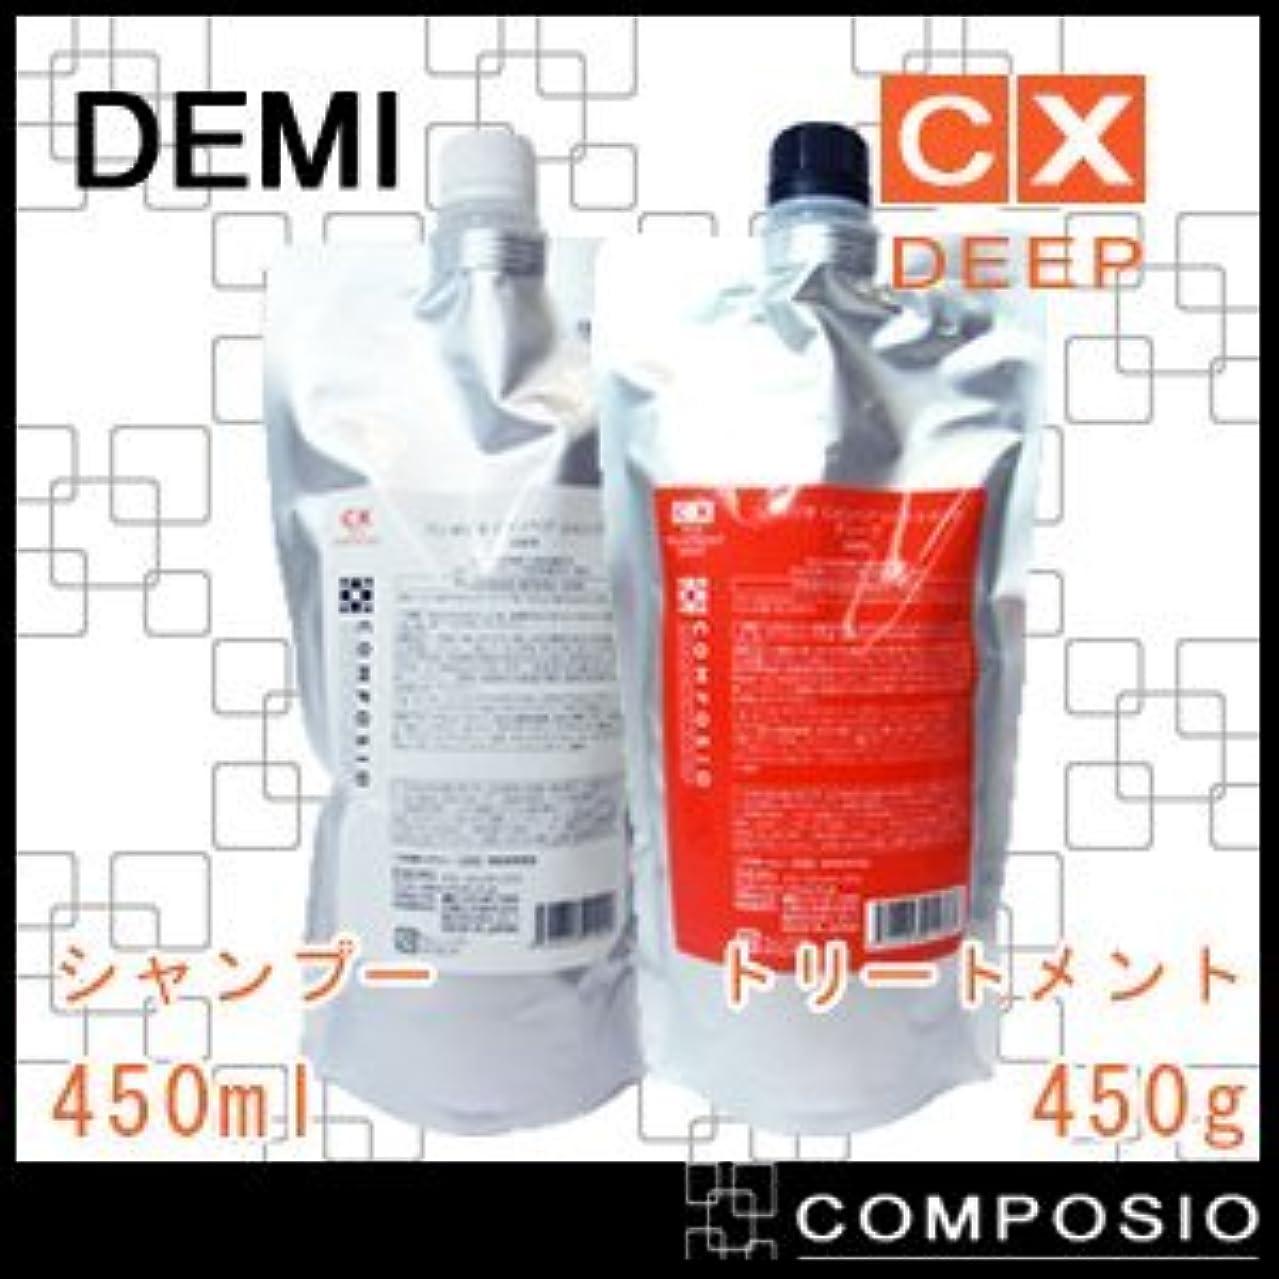 参照ダーツレスリングデミ コンポジオ CXリペアシャンプー&トリートメント ディープ 詰替 450ml,450g